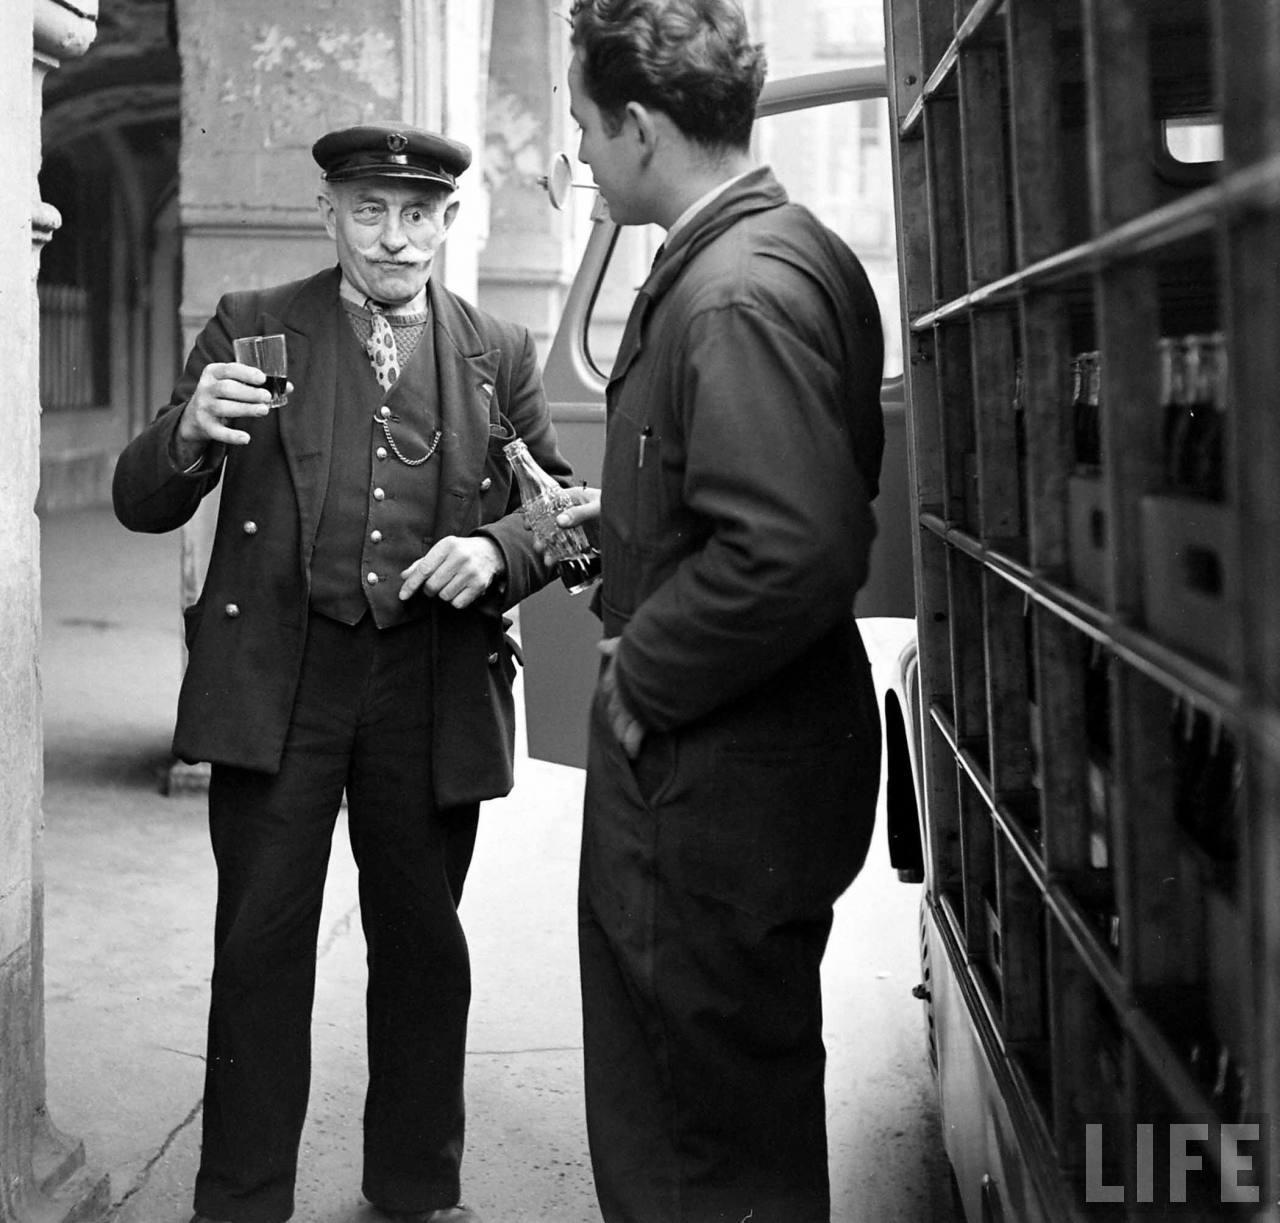 1950 coca cola arrive france 06 1950, Coca Cola arrive en France